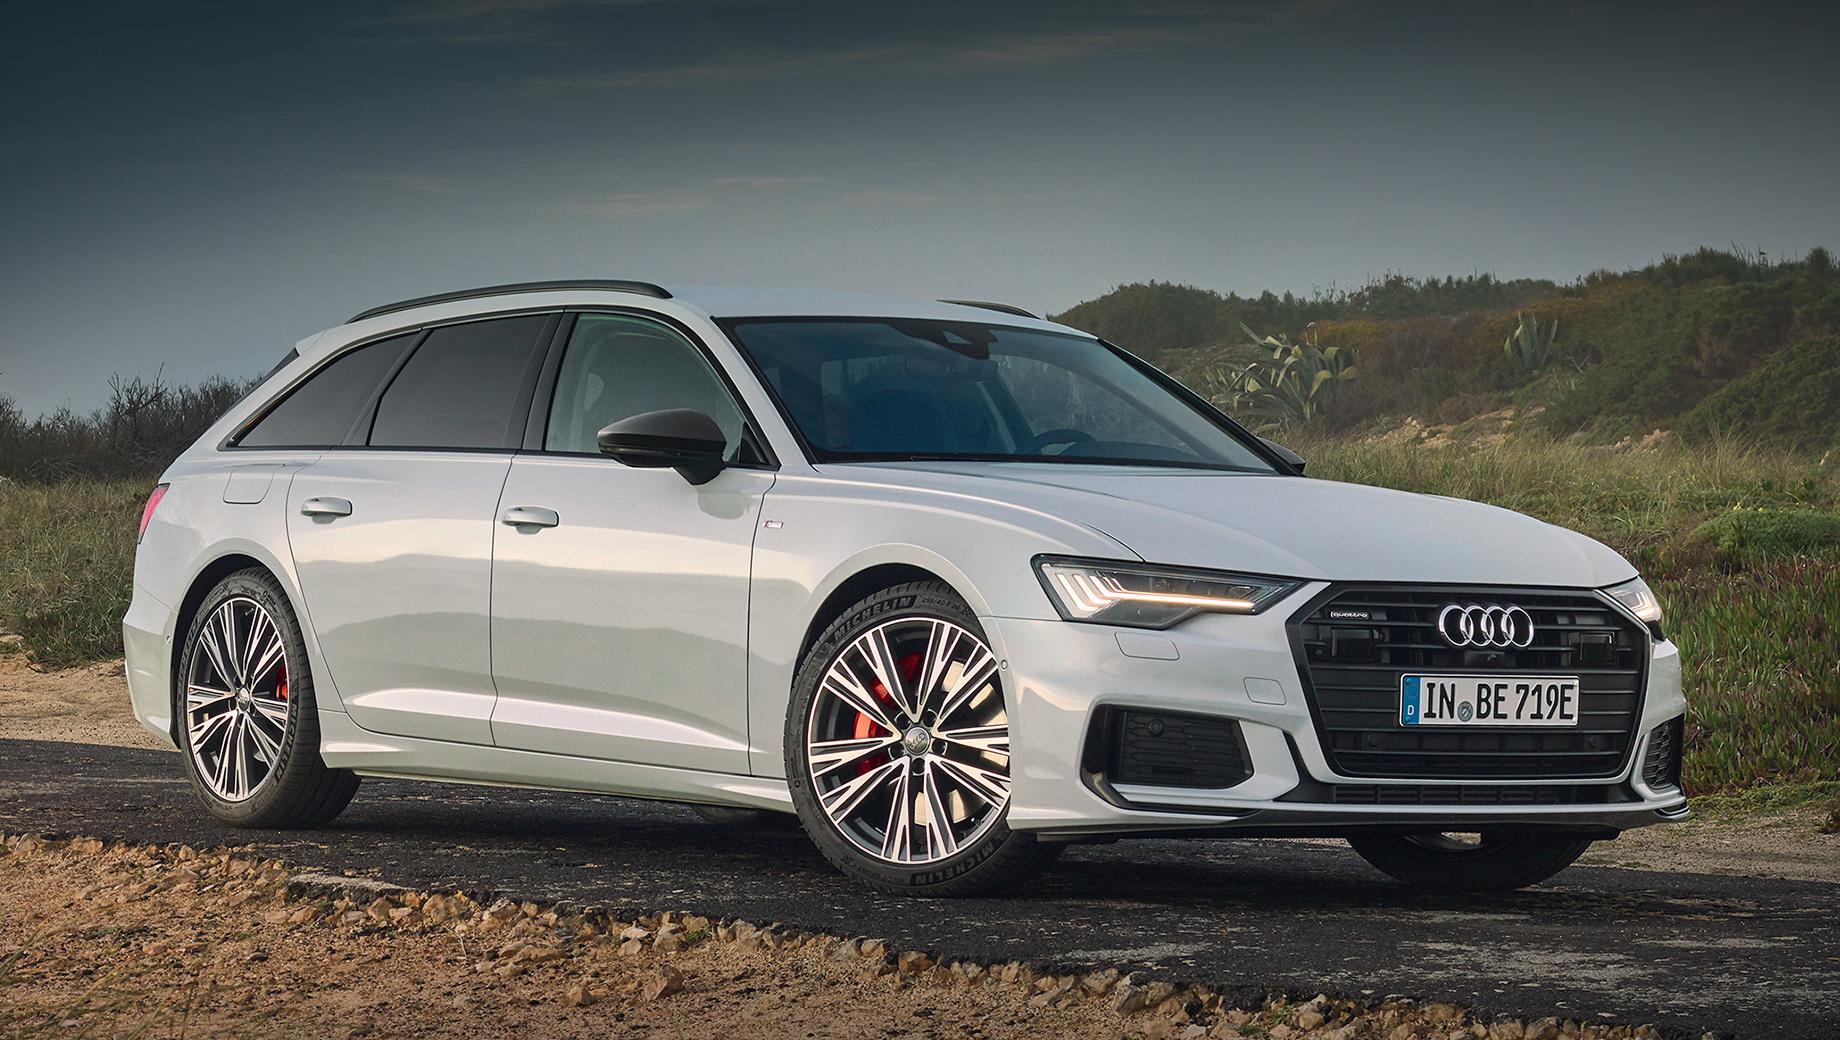 Гибридный Audi A6 Avant 55 TFSI e растерял в практичности